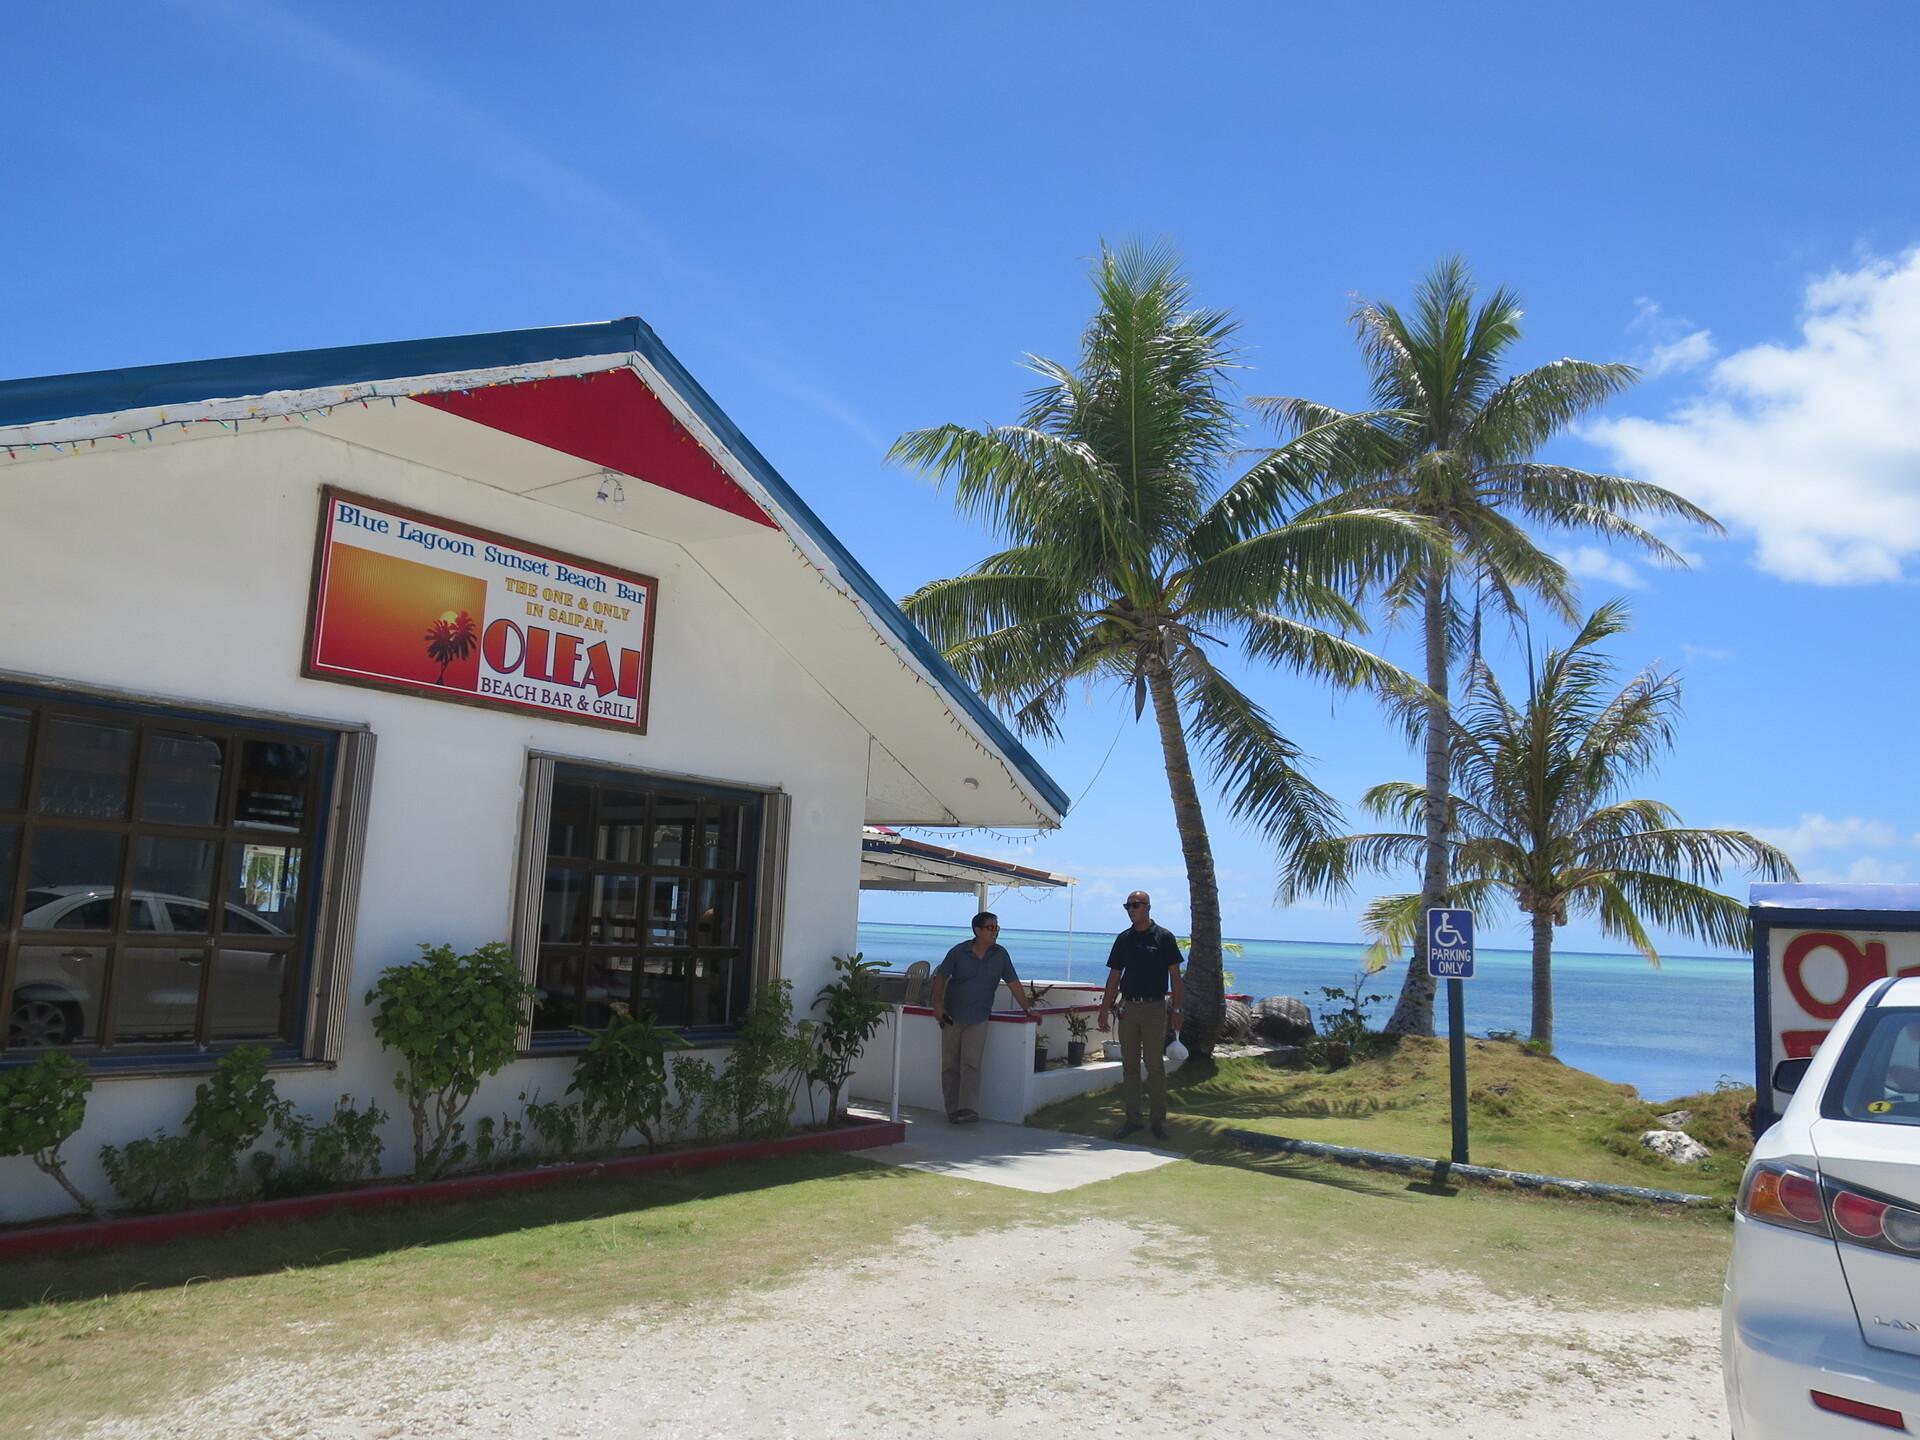 オレアイ・ビーチ・バー・&グリル | サイパン島在住みゆ姉さんのおすすめグルメ・食事スポット